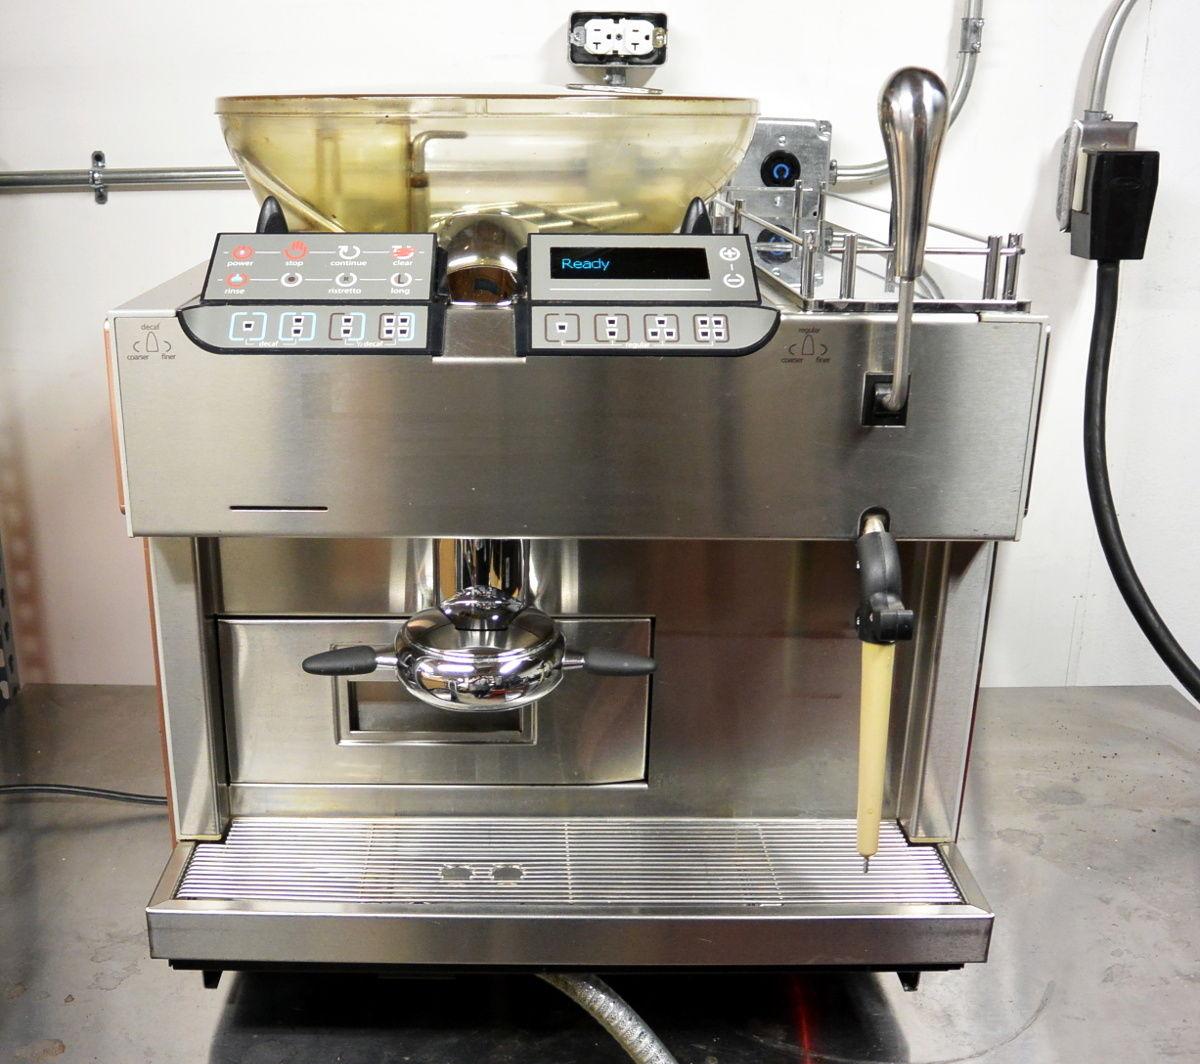 Mastrena semiautomatic espresso machine